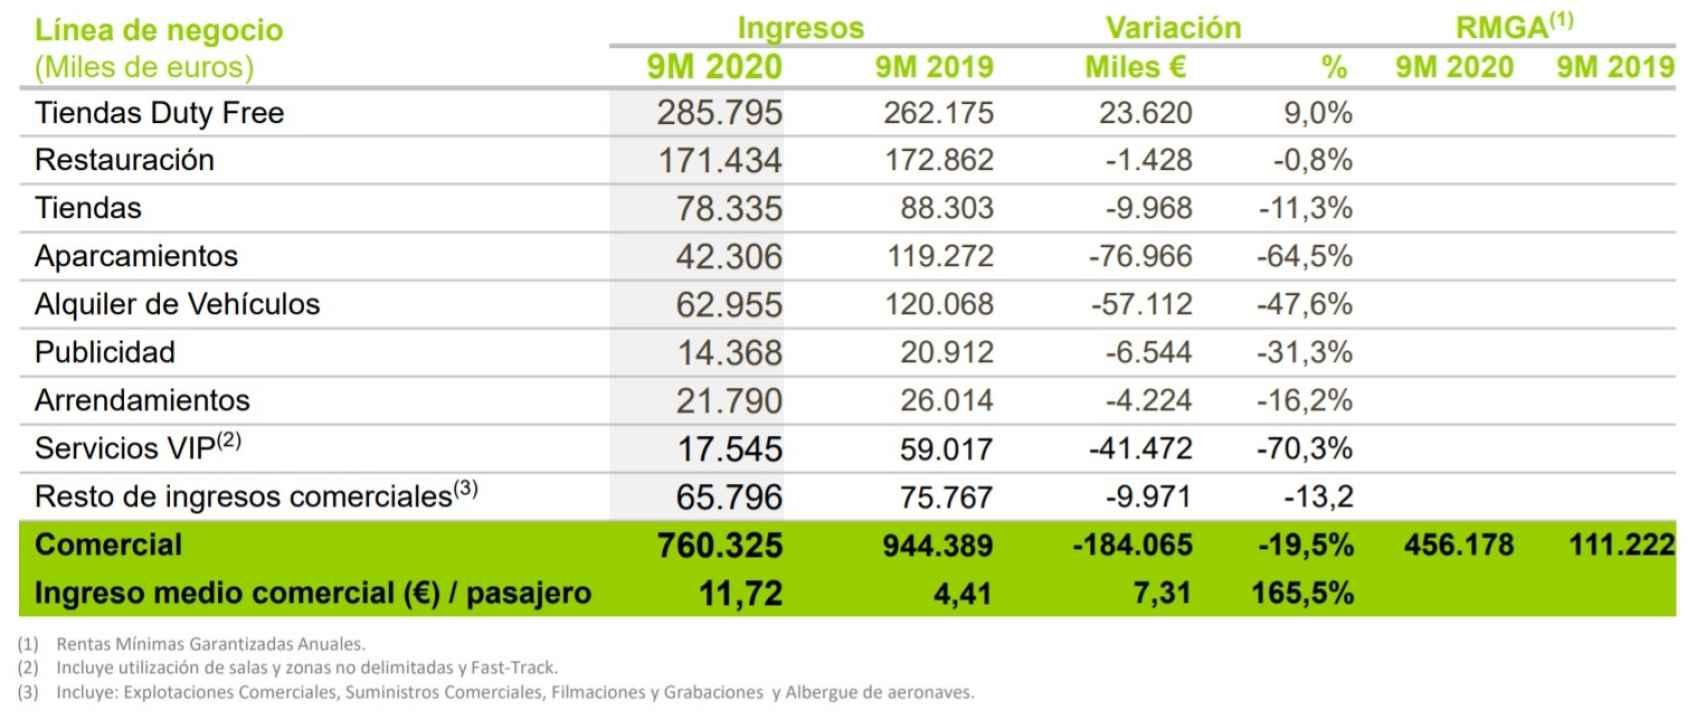 Ingresos comerciales de Aena en los primeros nueves meses de 2020. Fuente: Aena.